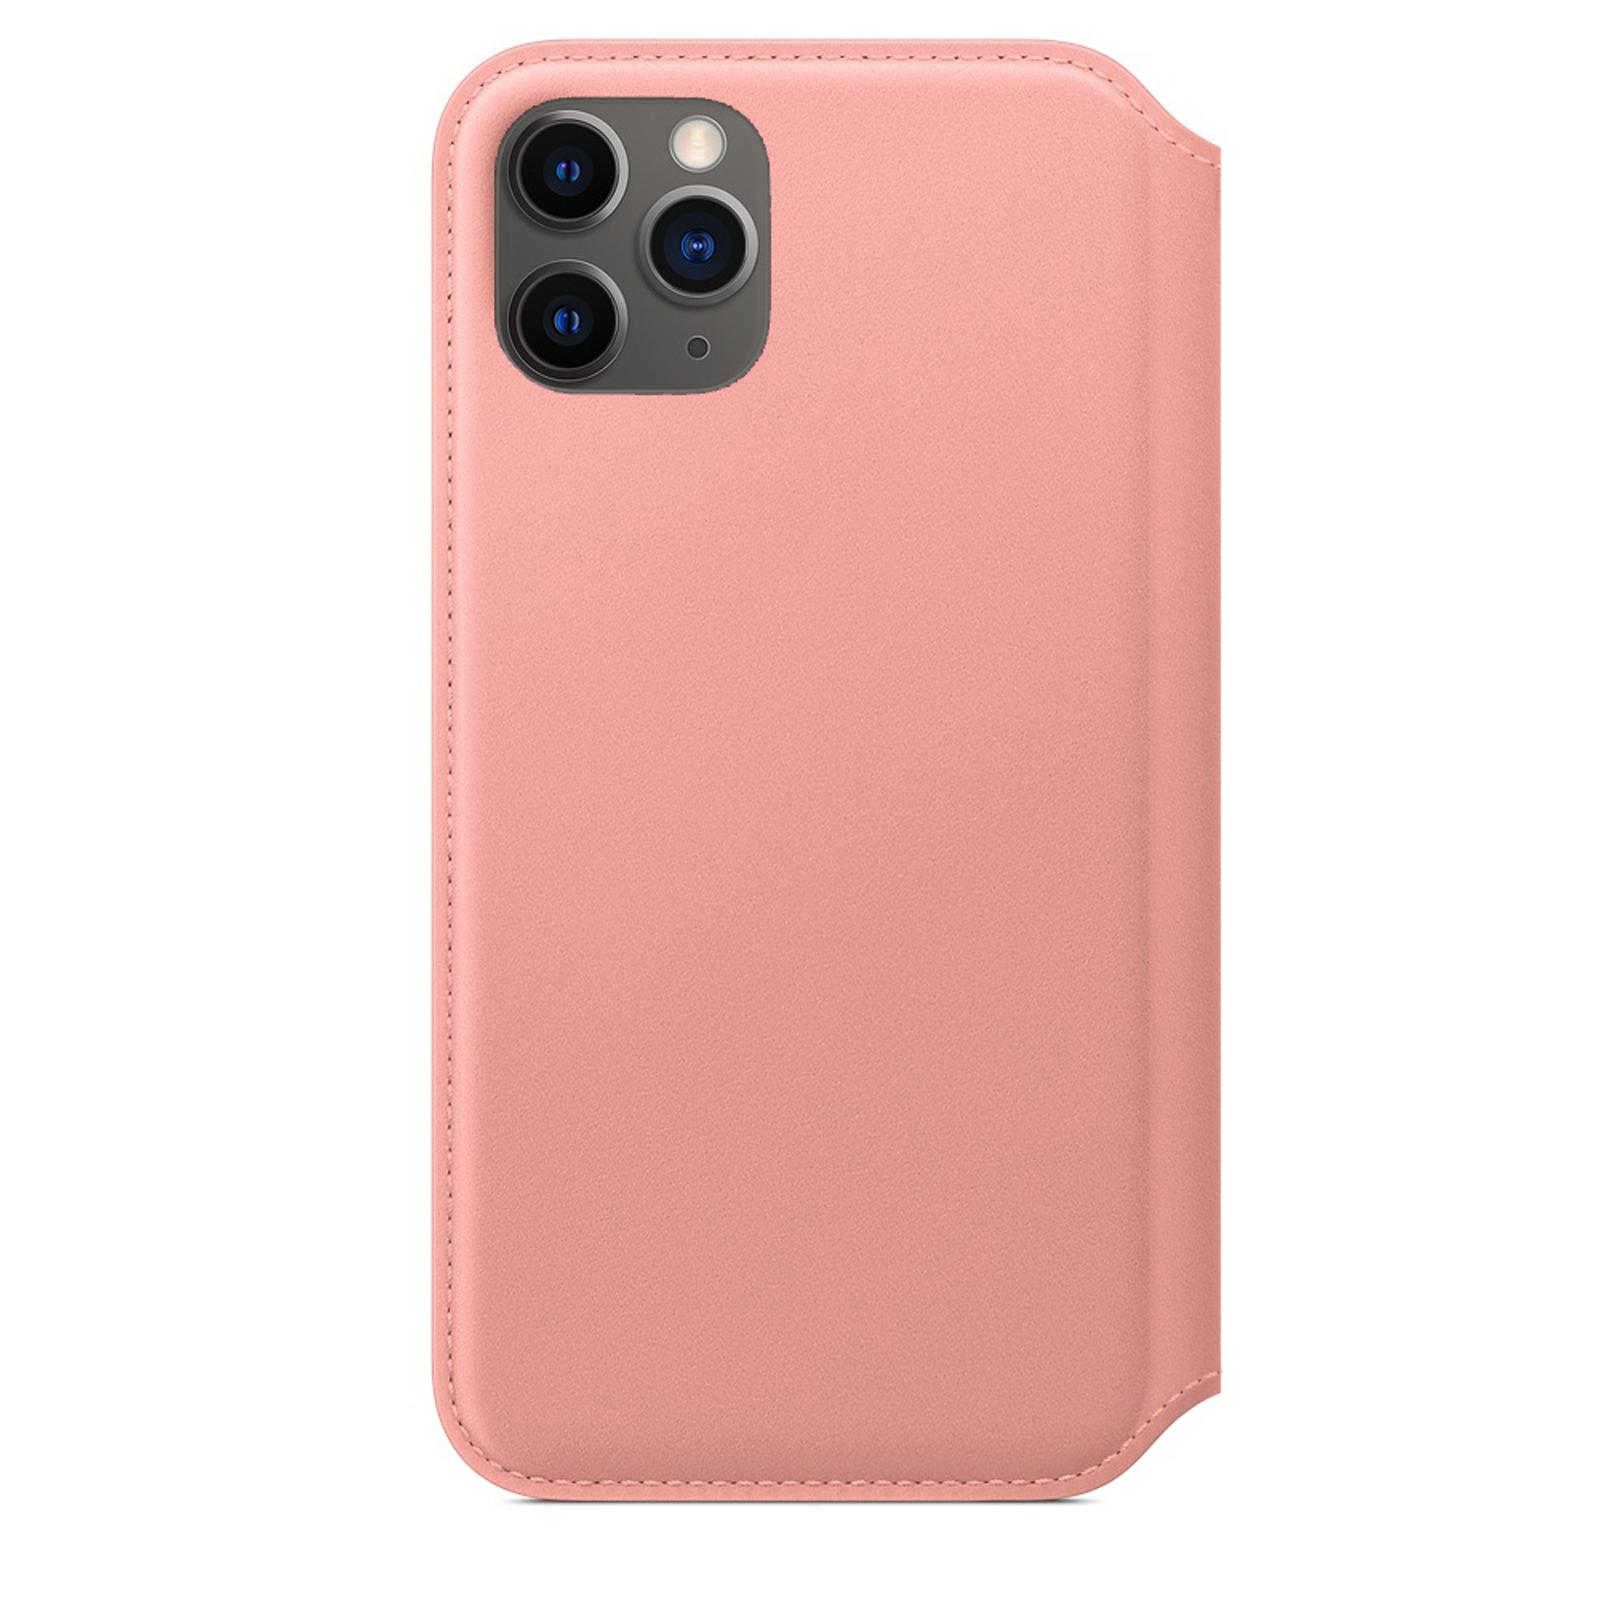 Nouveau-cuir-flip-portefeuille-Folio-Telephone-Etui-Housse-Pour-Apple-iPhone-11-Pro-Max-Xs-XR miniature 46